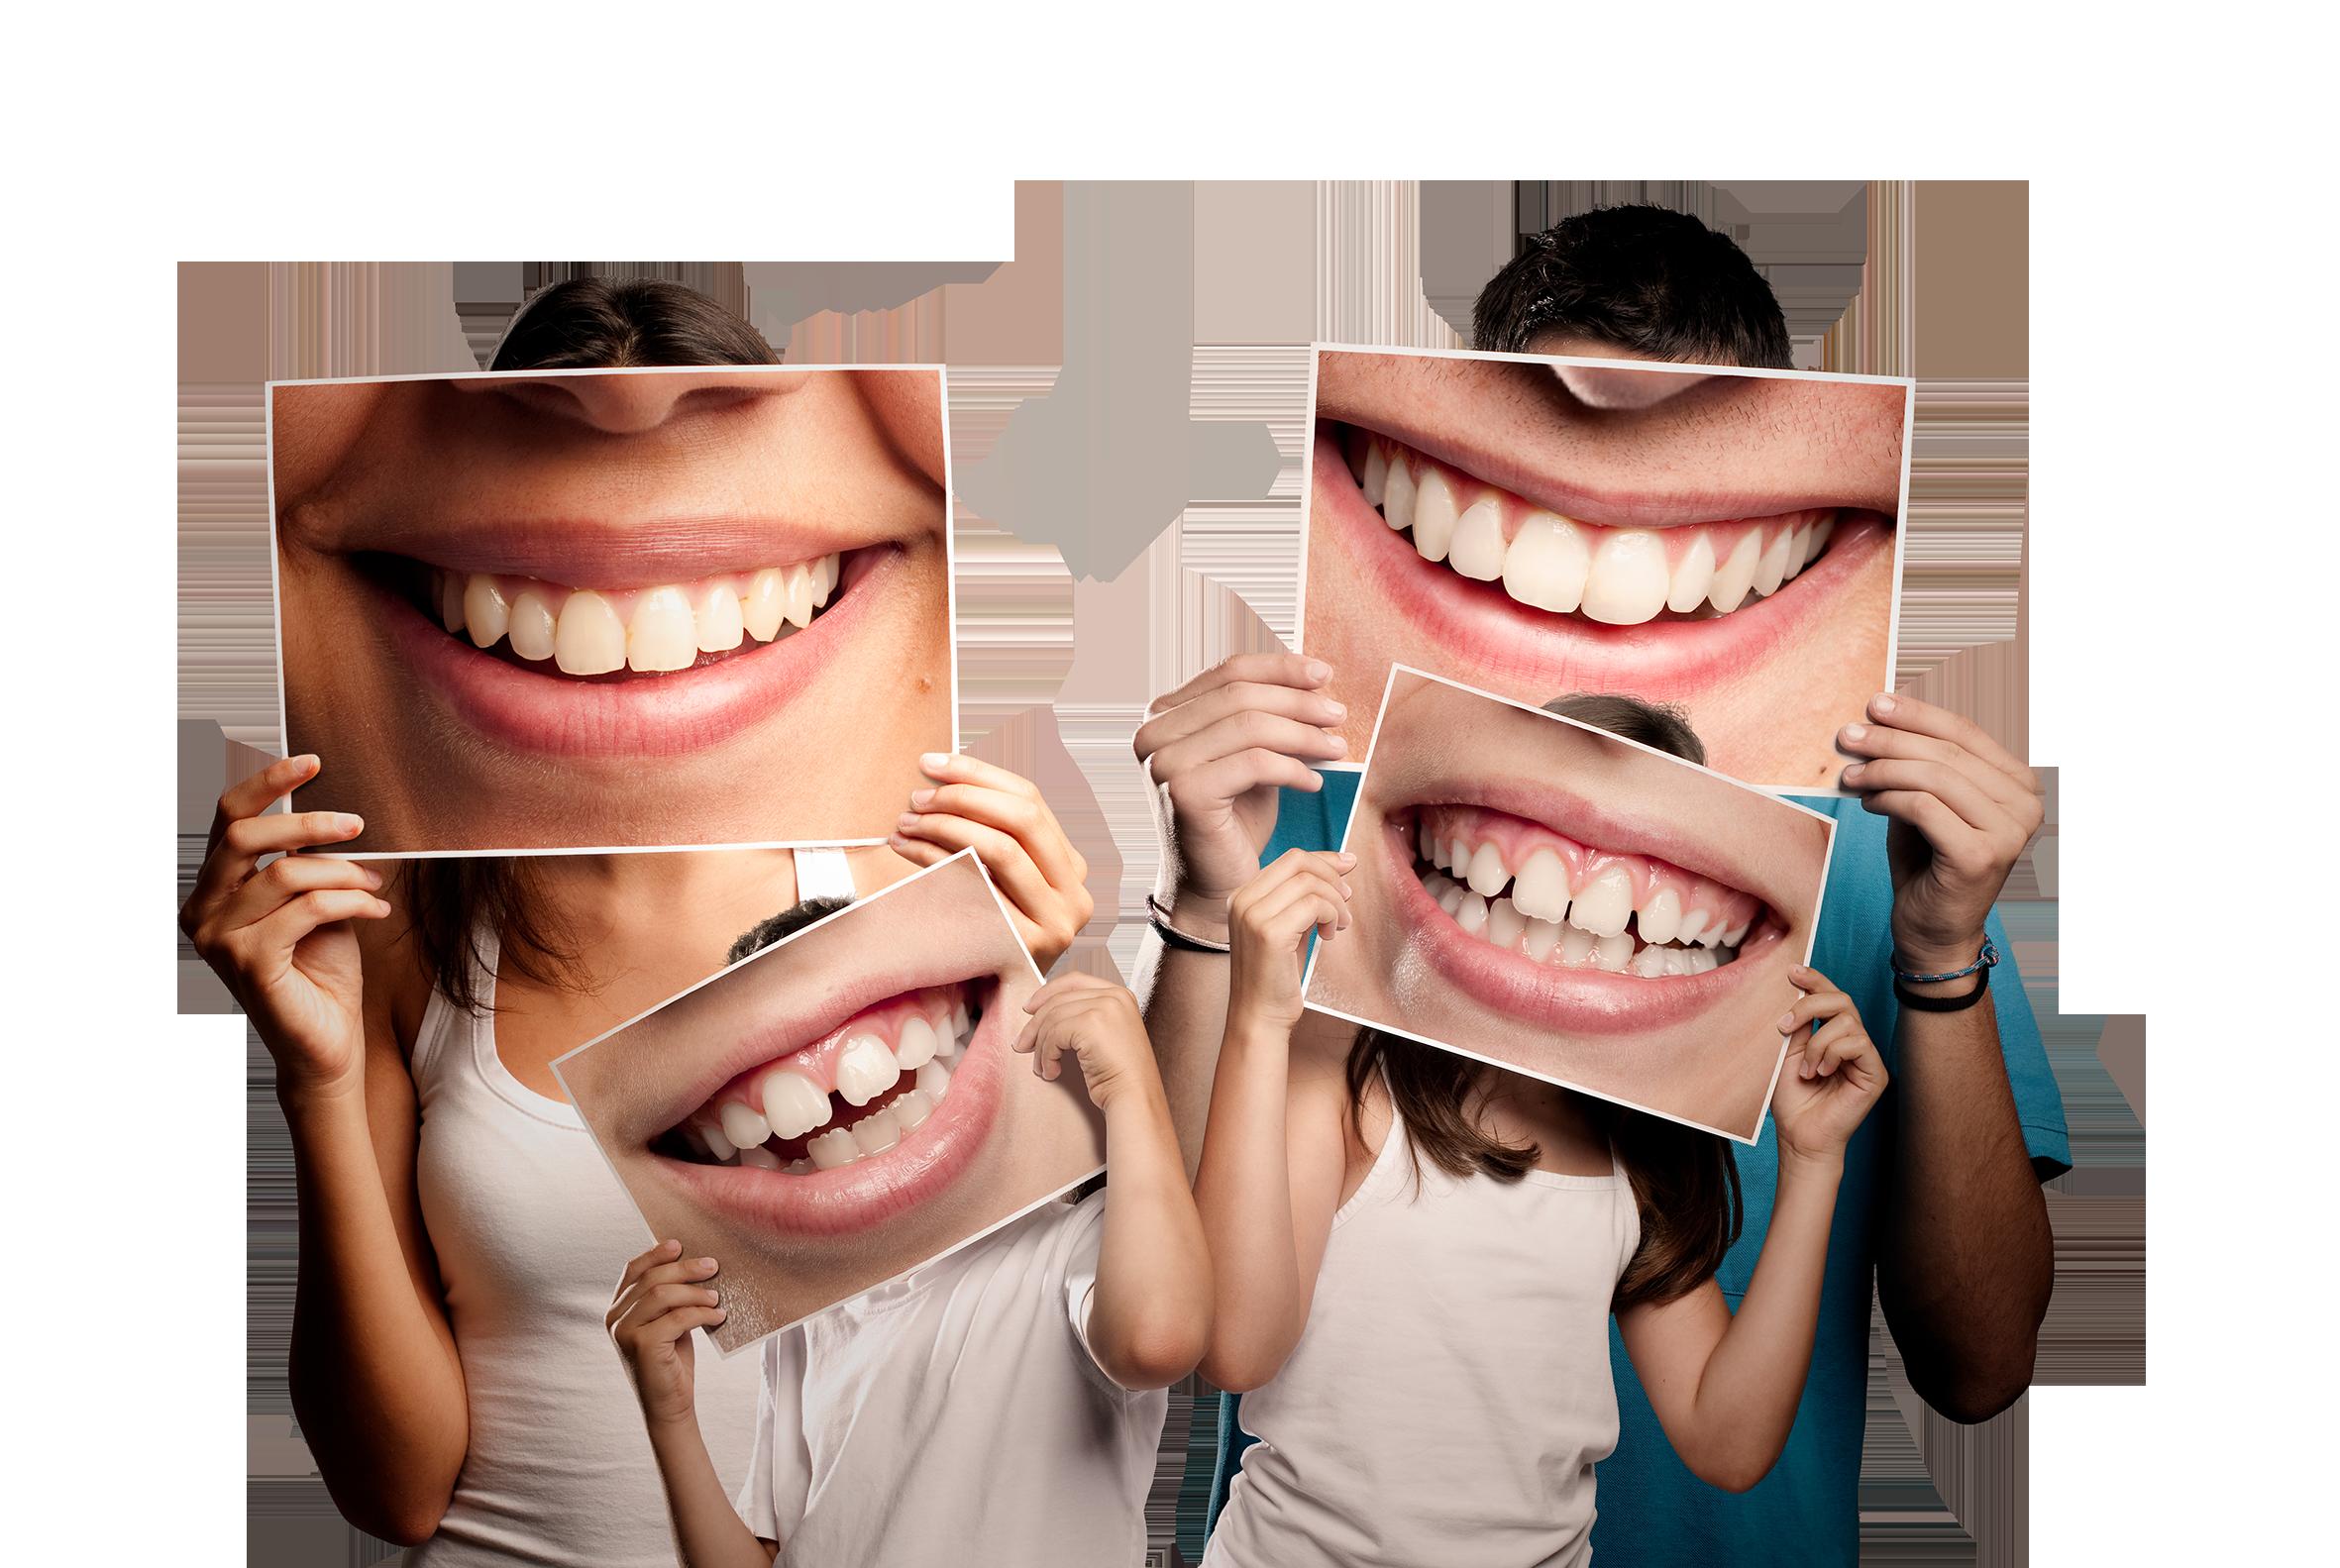 Der gesunde Mund